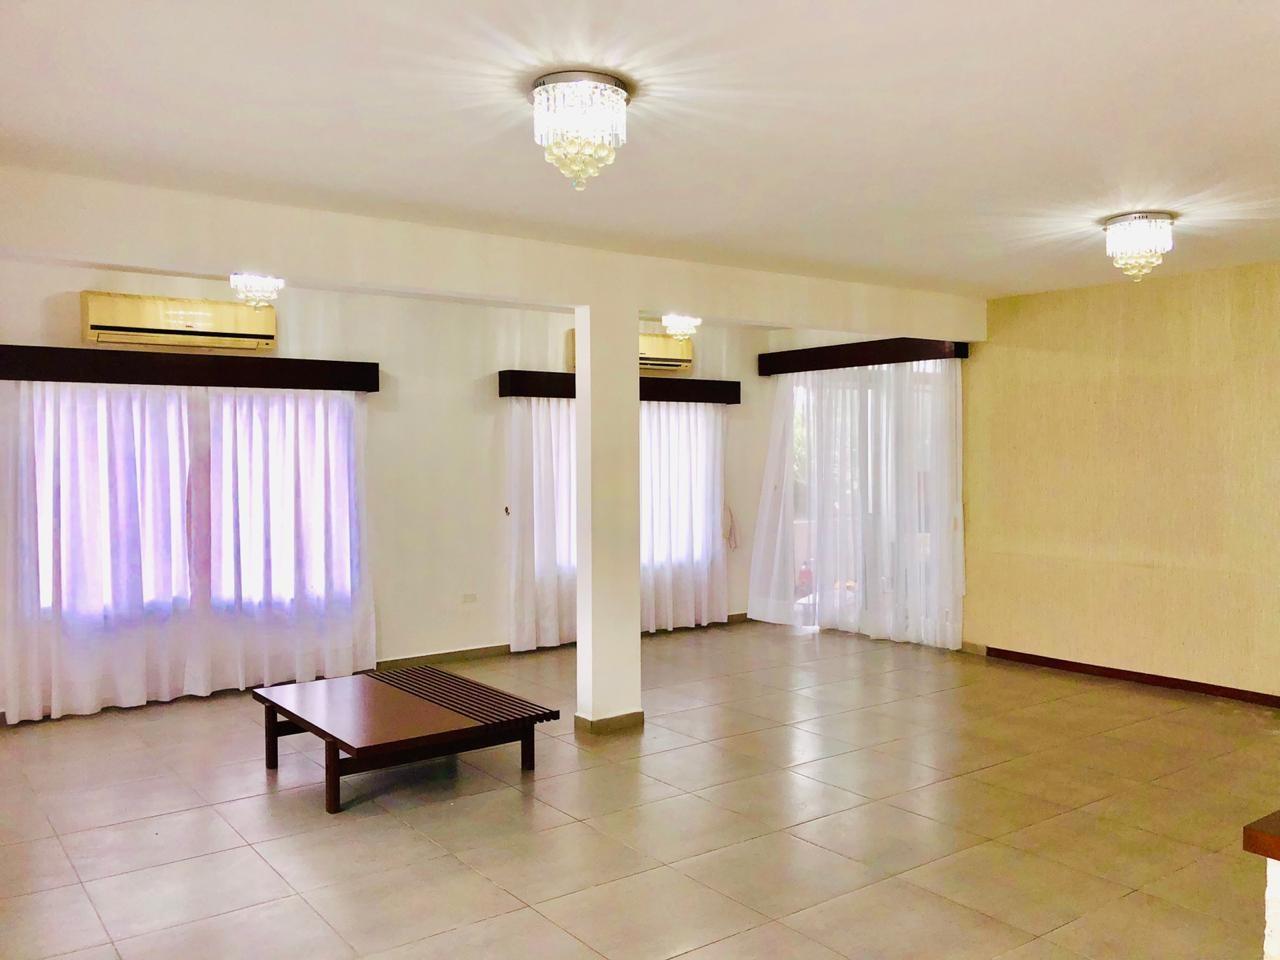 Casa en Alquiler Zona Urubo - Condominio Jardines del Urubo - lado de Restaurante Casa del Camba - a 1 minuto del Puente principal. Foto 18